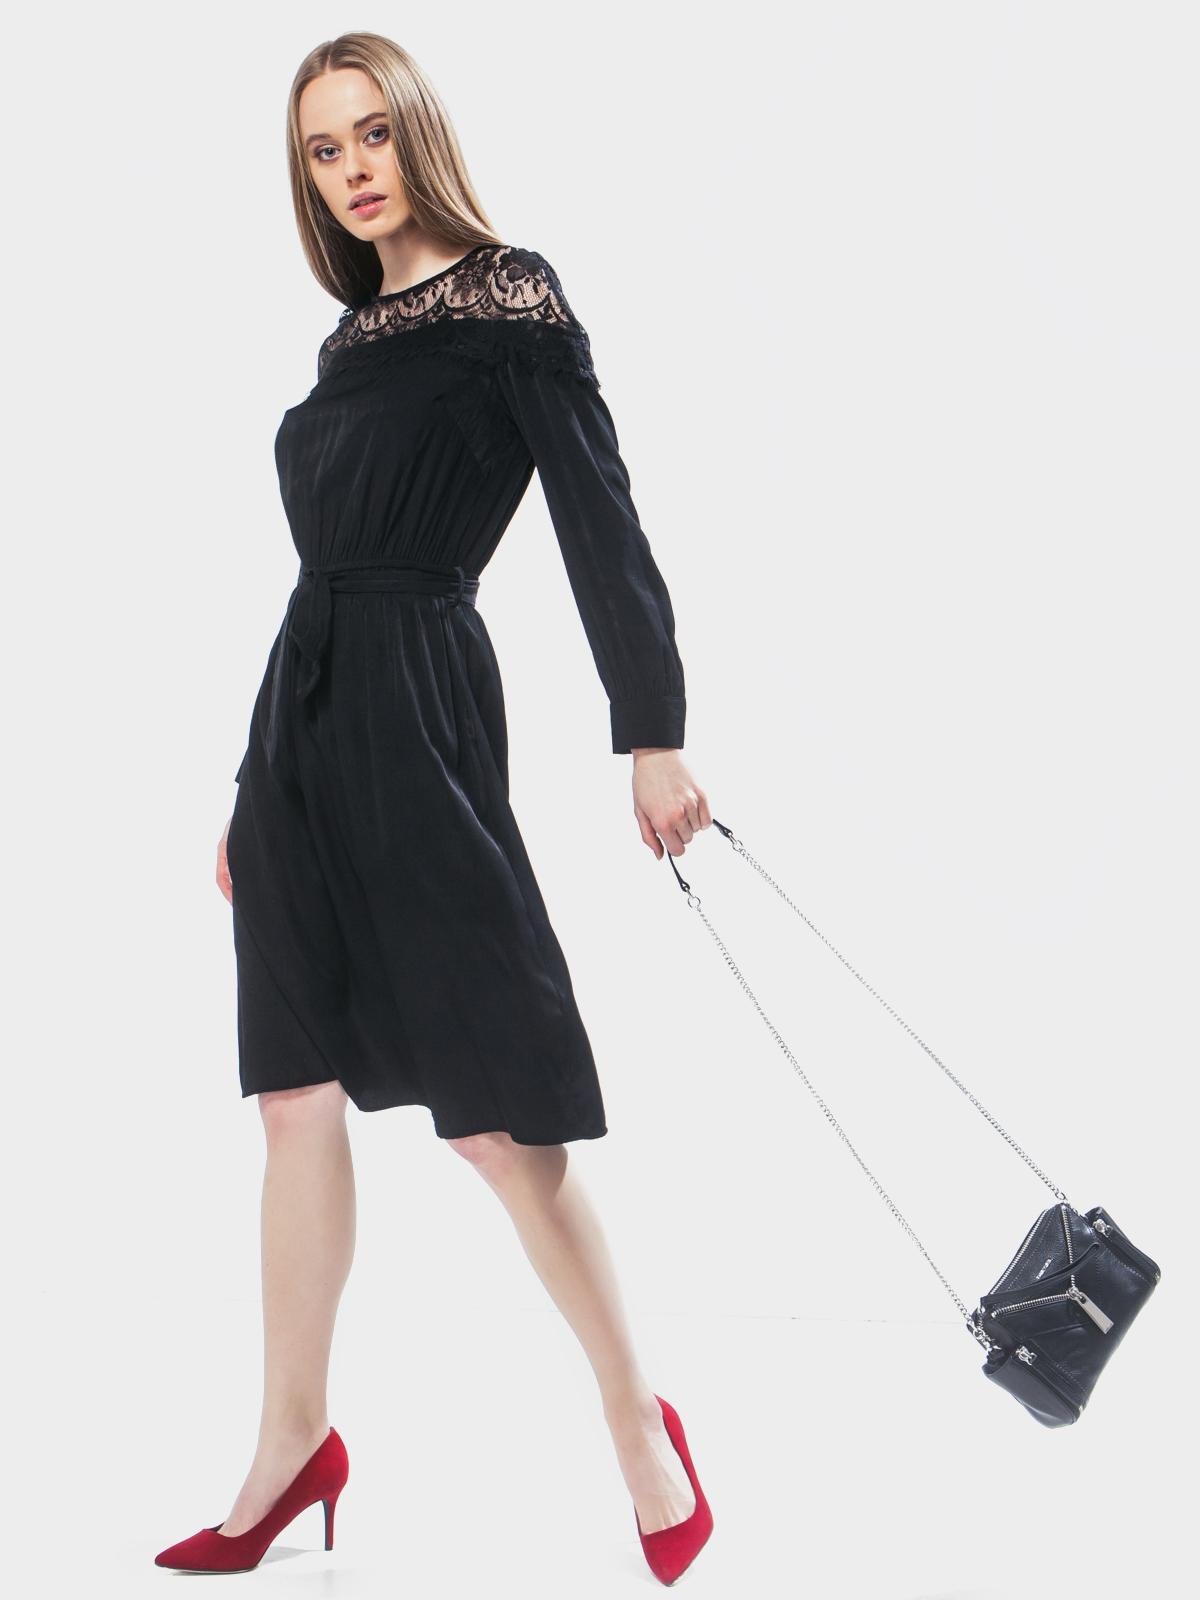 a794bda2bc1 VERO MODA Naiste kleit VERO MODA Naiste kleit ...